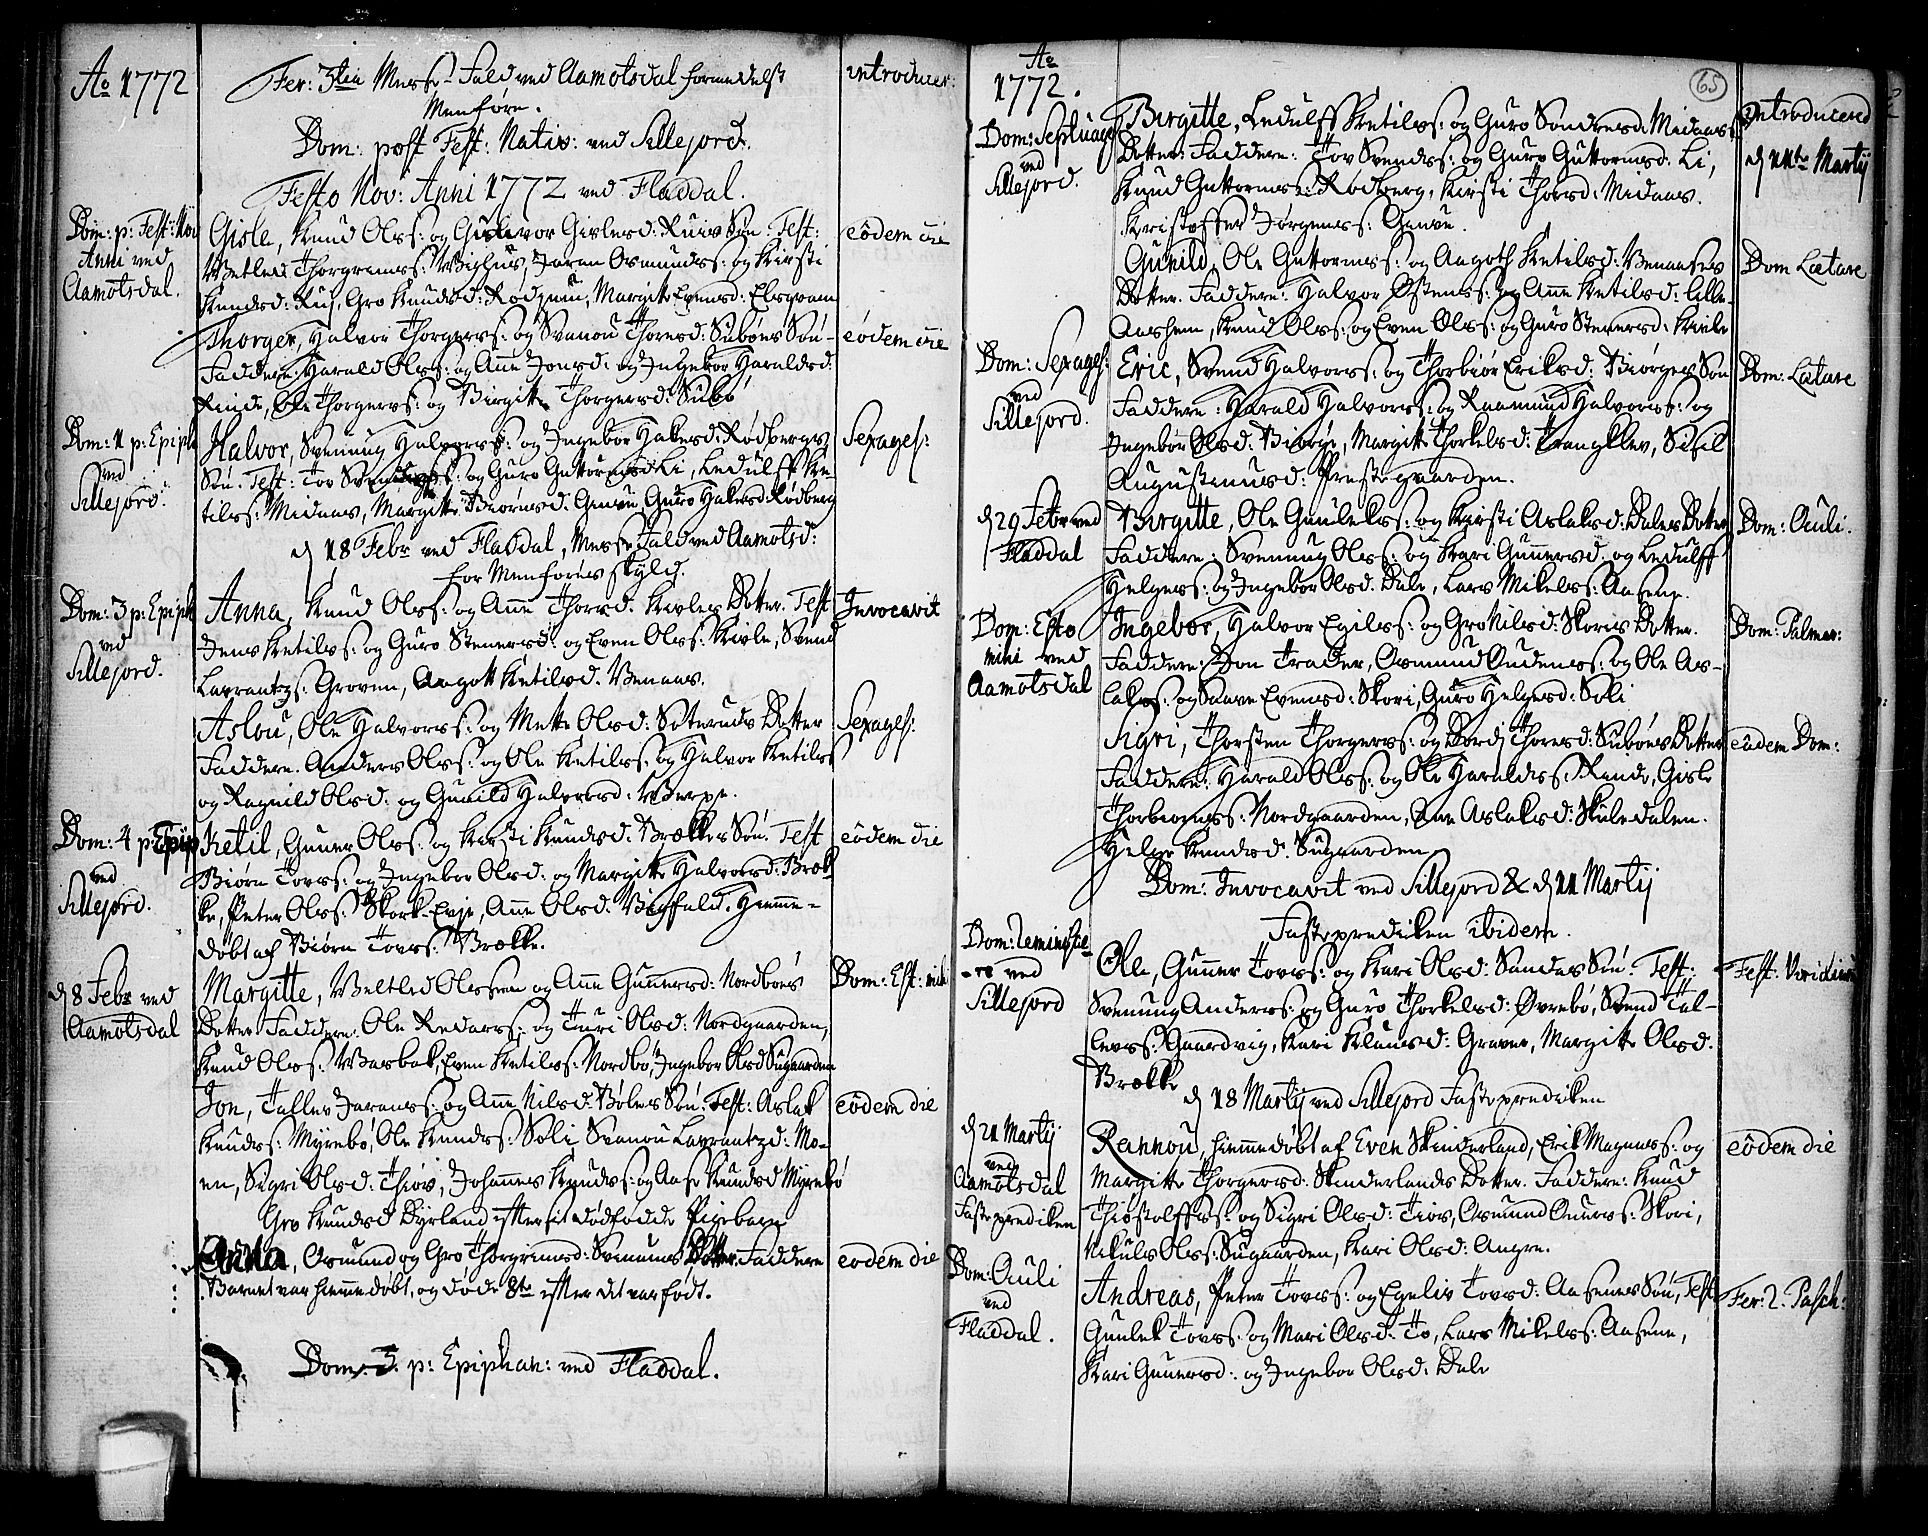 SAKO, Seljord kirkebøker, F/Fa/L0007: Ministerialbok nr. I 7, 1755-1800, s. 65